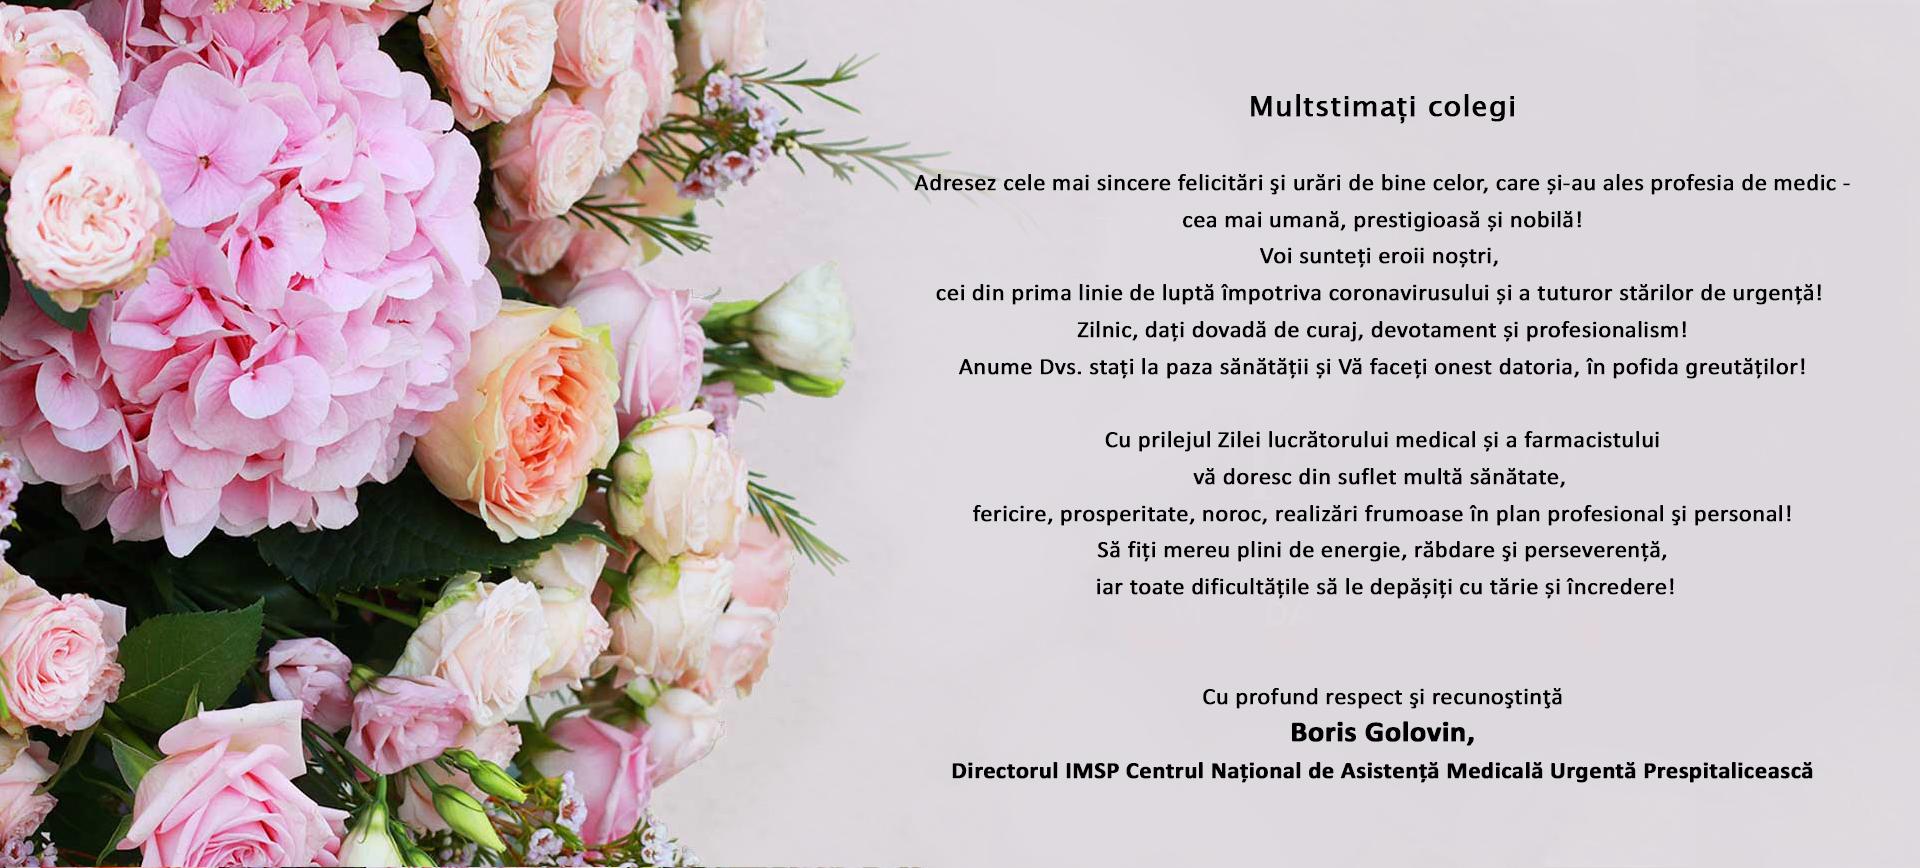 Mesajul de felicitare cu ocazia Zilei lucrătorului medical și a farmacistului